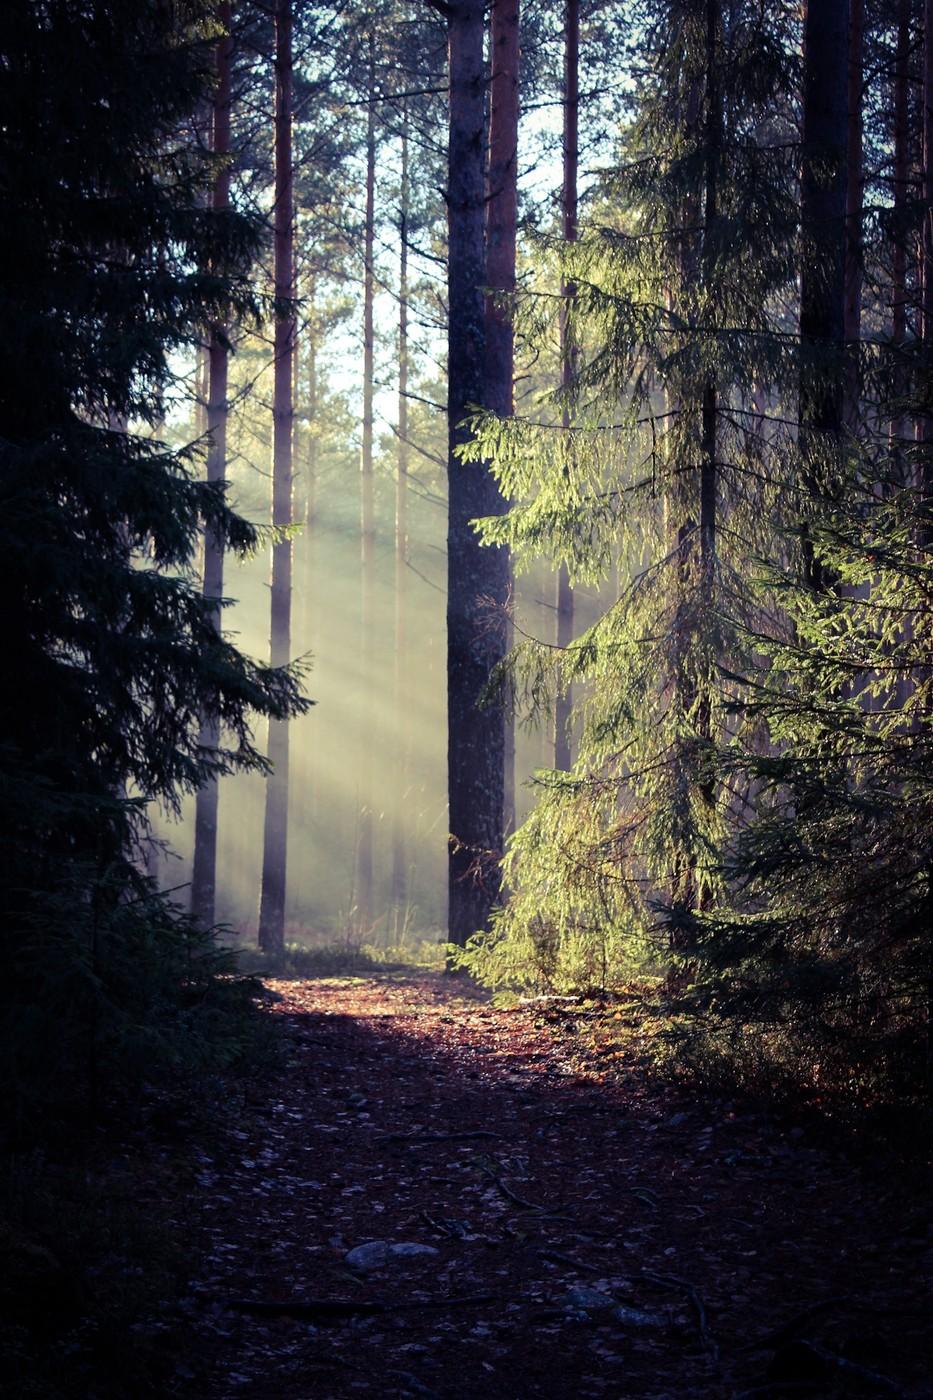 AdobePhotoshopExpress_2013_11_23_174836.jpg